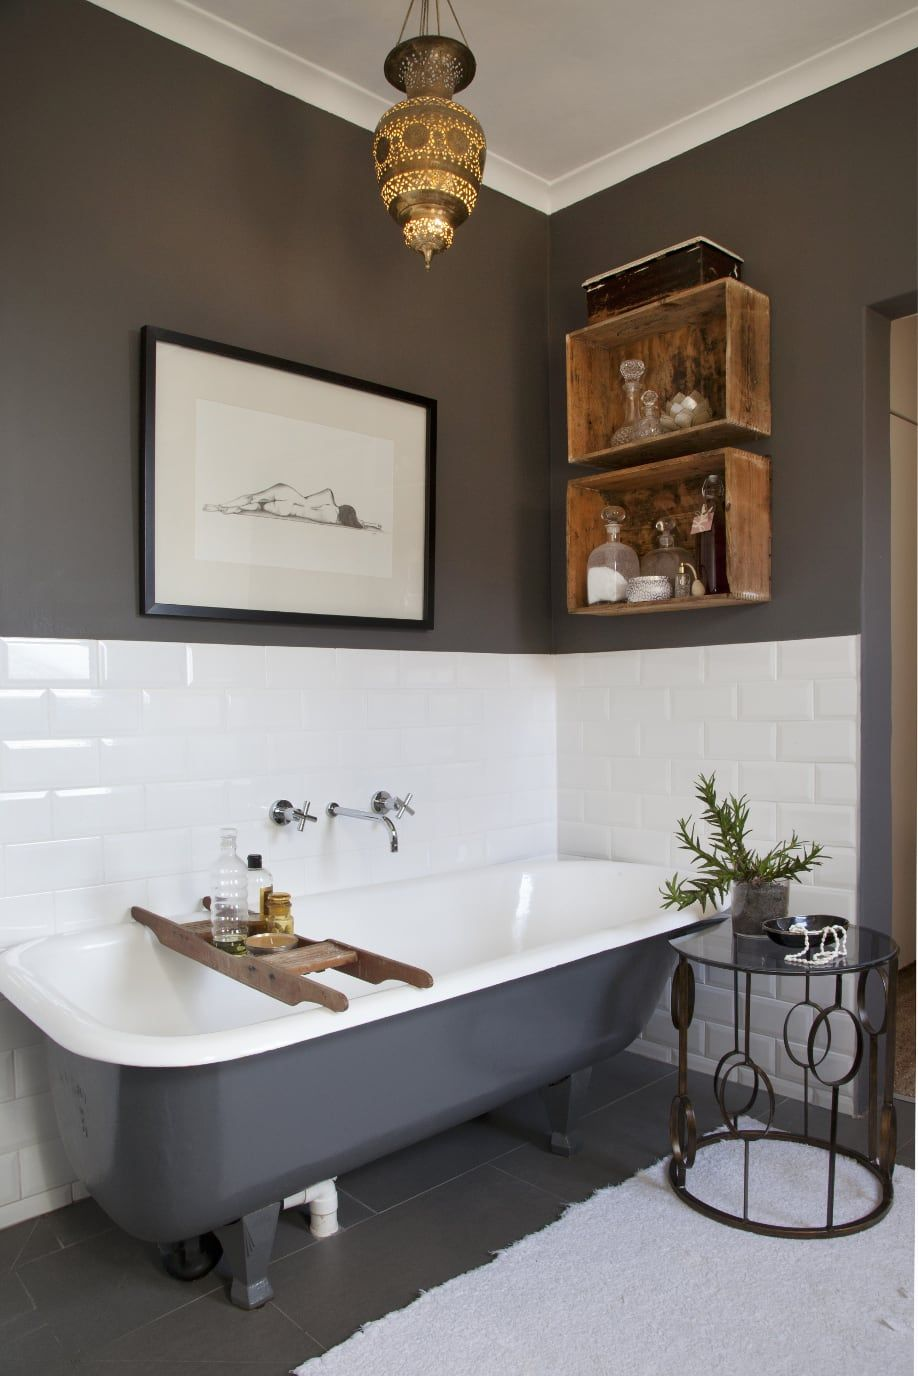 Tipps f r kleine badezimmer hier im westwing magazin ideen pinterest salle de bain salle - Tipps fur kleine badezimmer ...